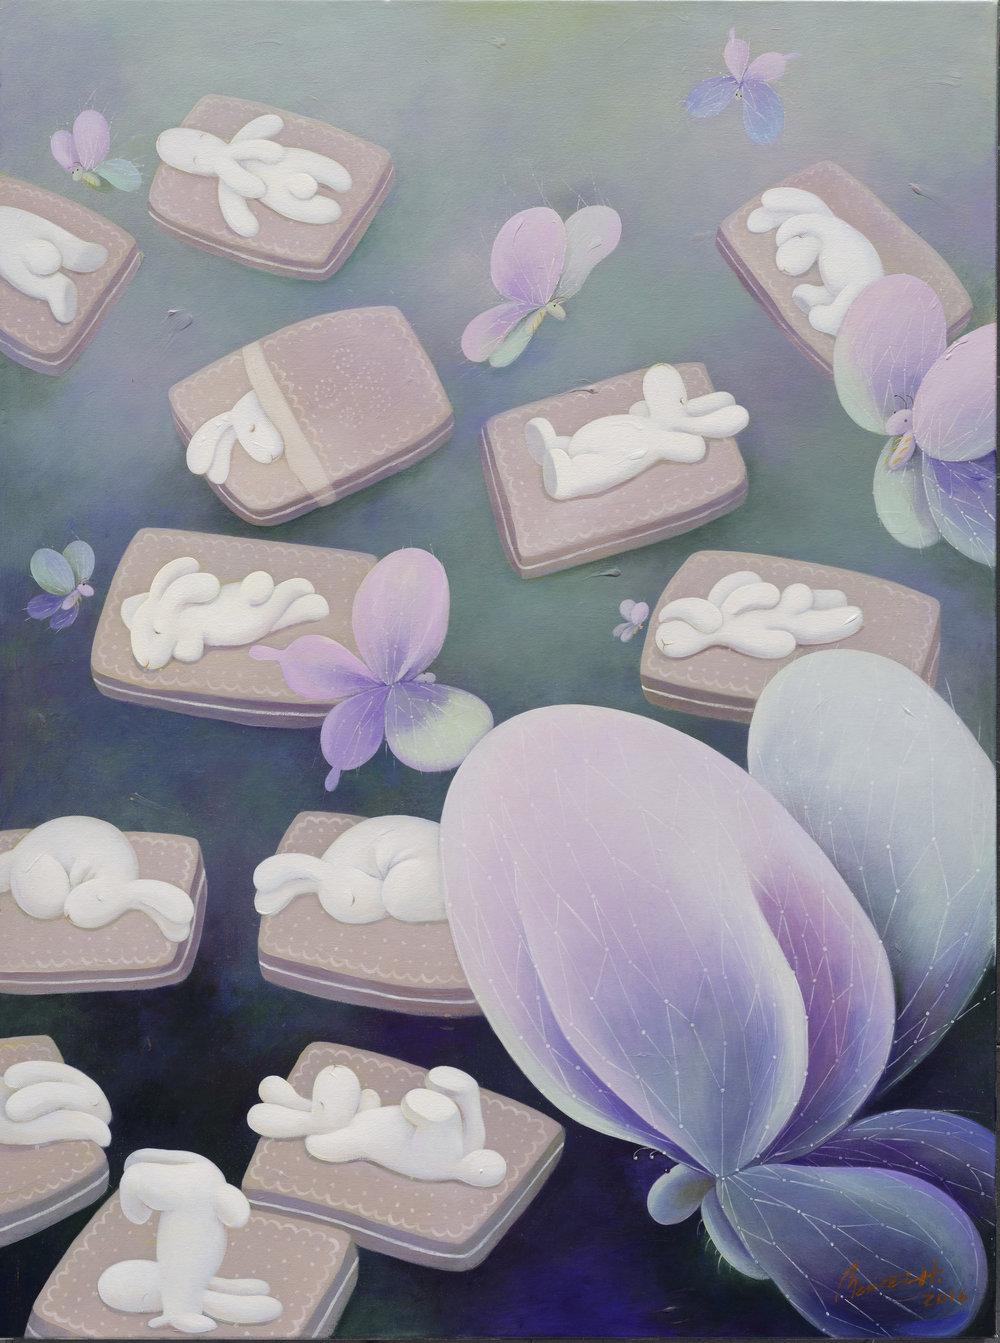 Last night butterflies brought back dreams (昨夜又夢蝶)